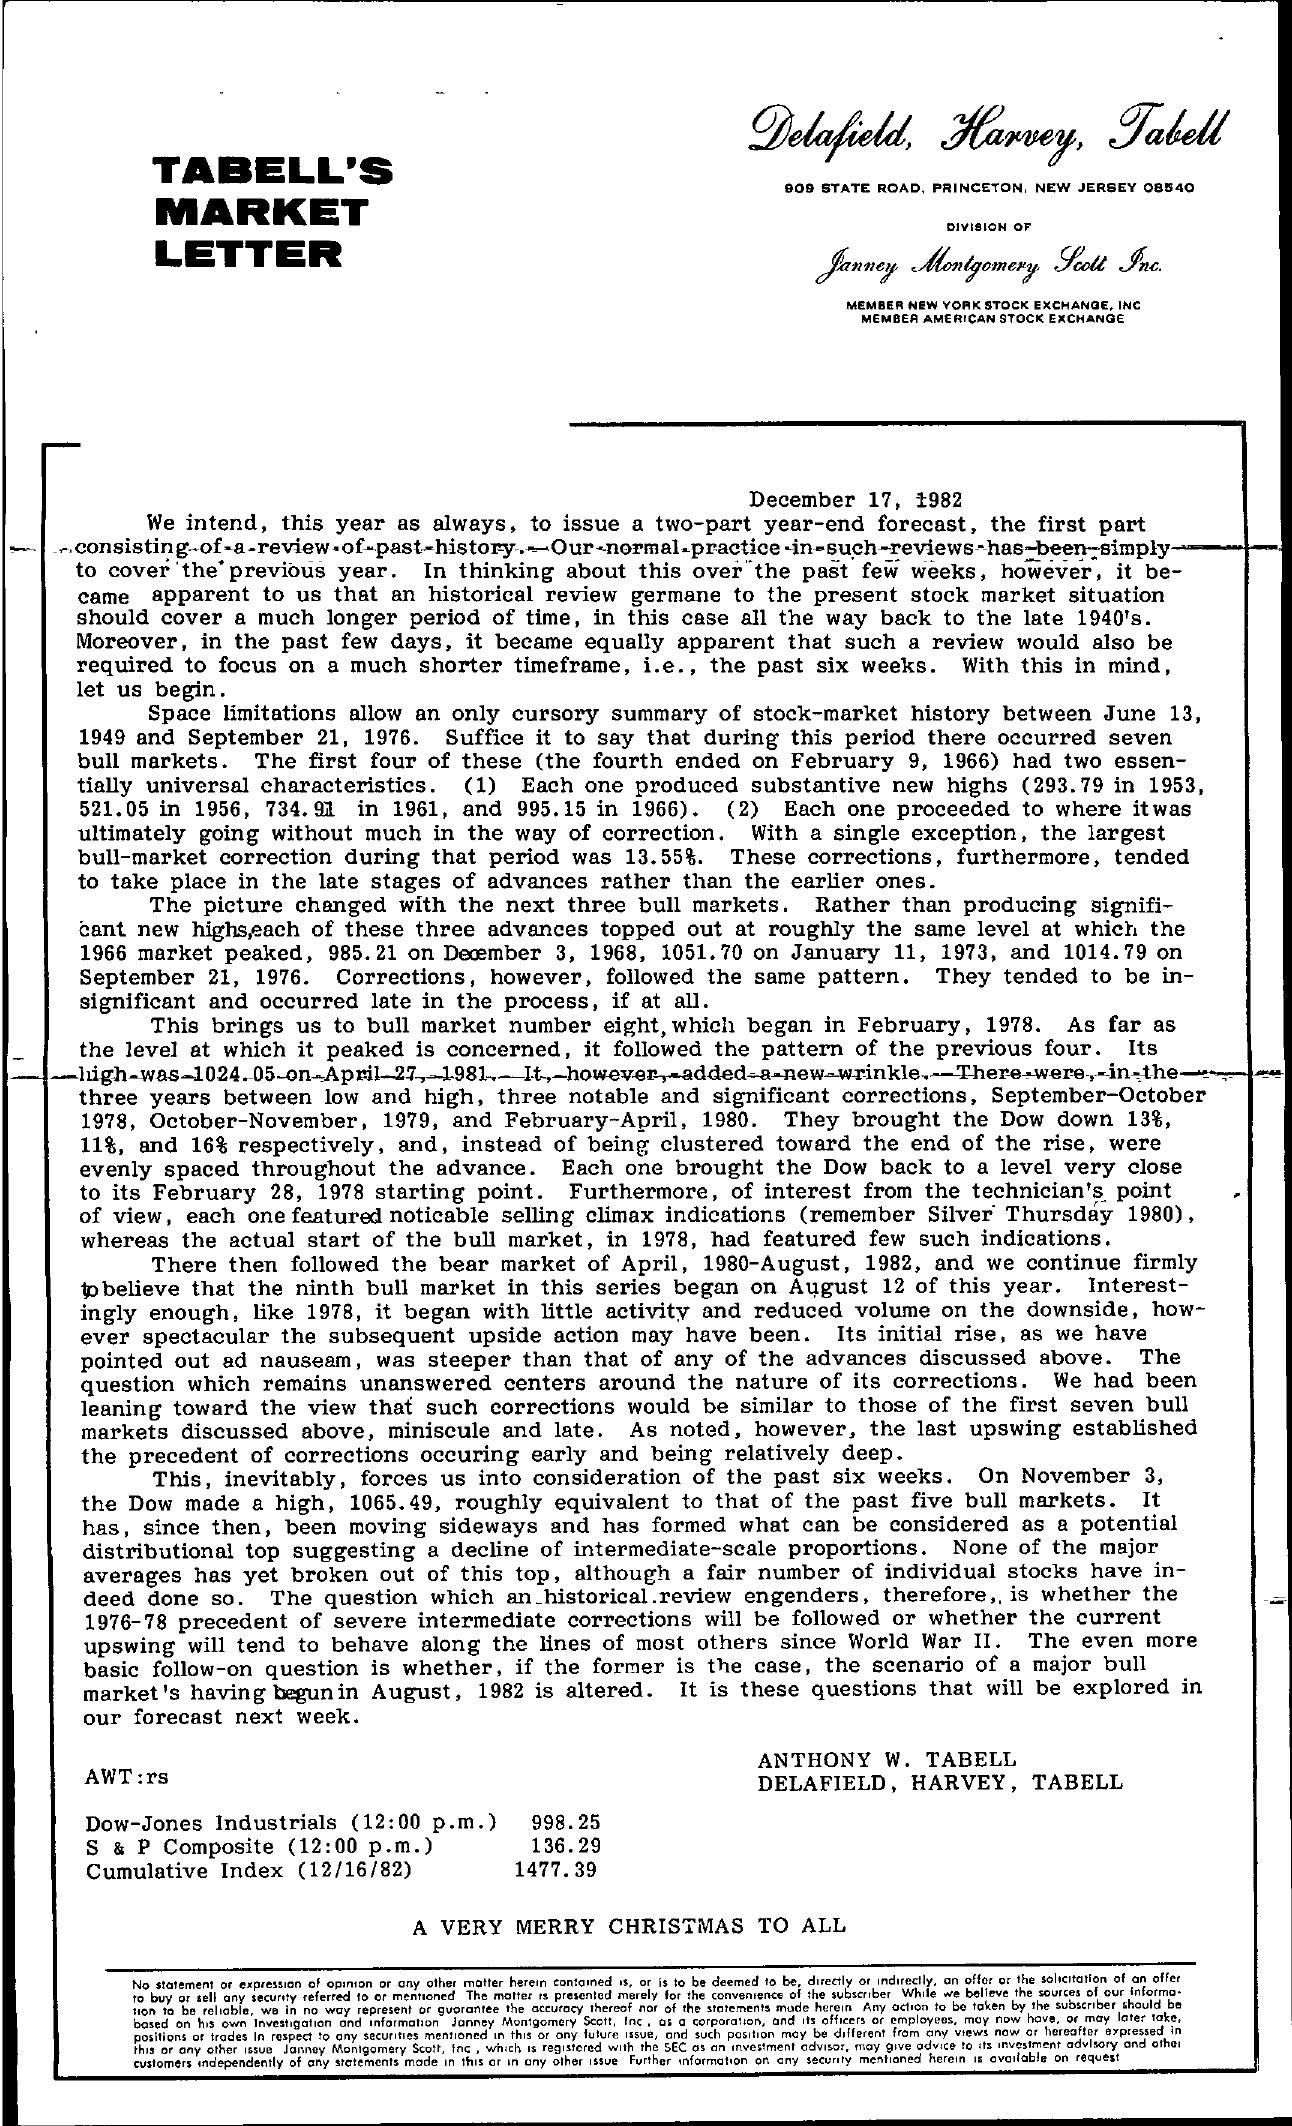 Tabell's Market Letter - December 17, 1982